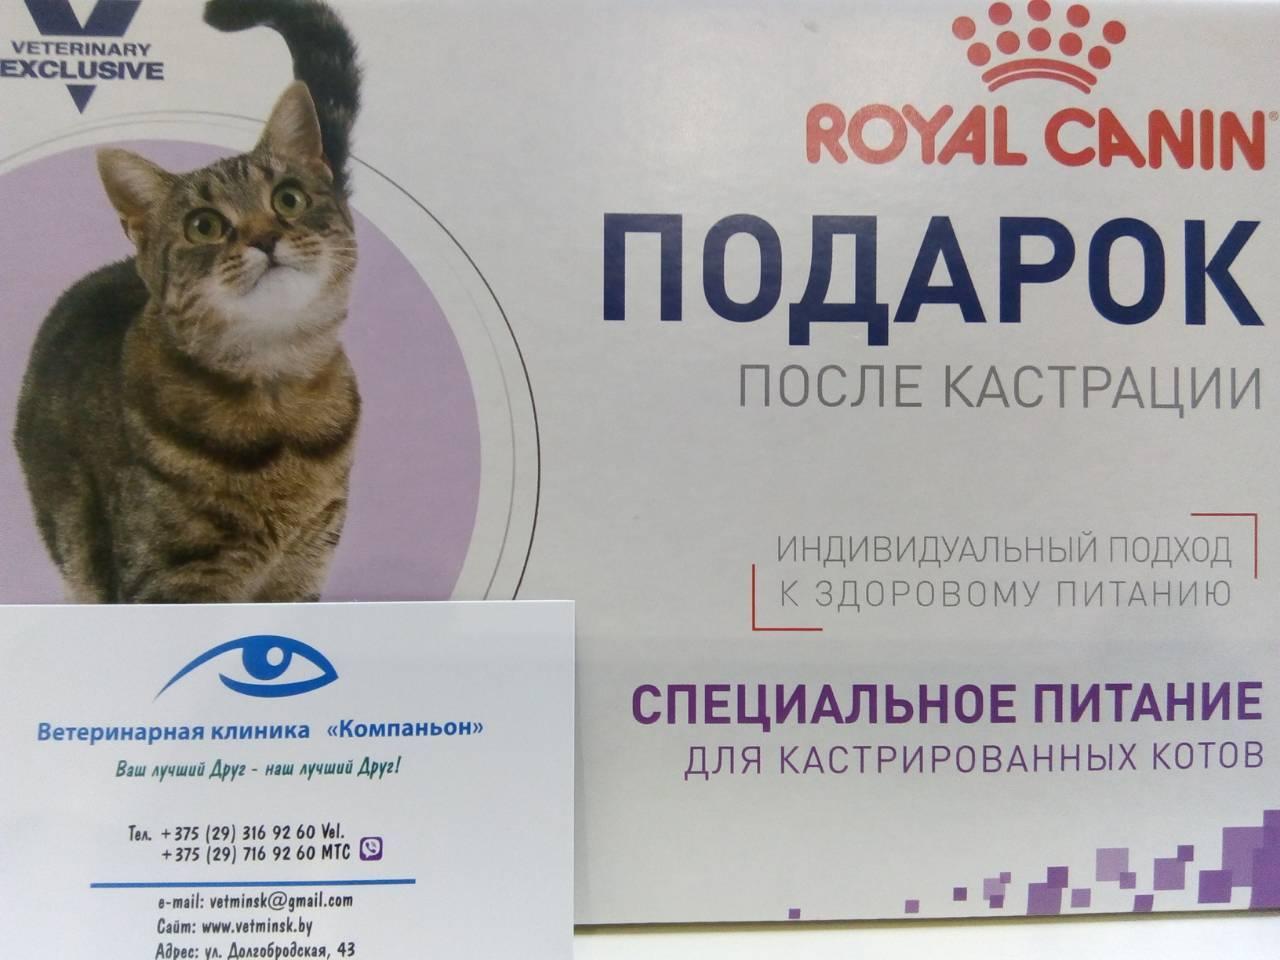 Советы ветеринаров после стерилизации: как правильно кормить кастрированных кошек сухим и влажным кормом, в том числе уличную стерилизованную кошку